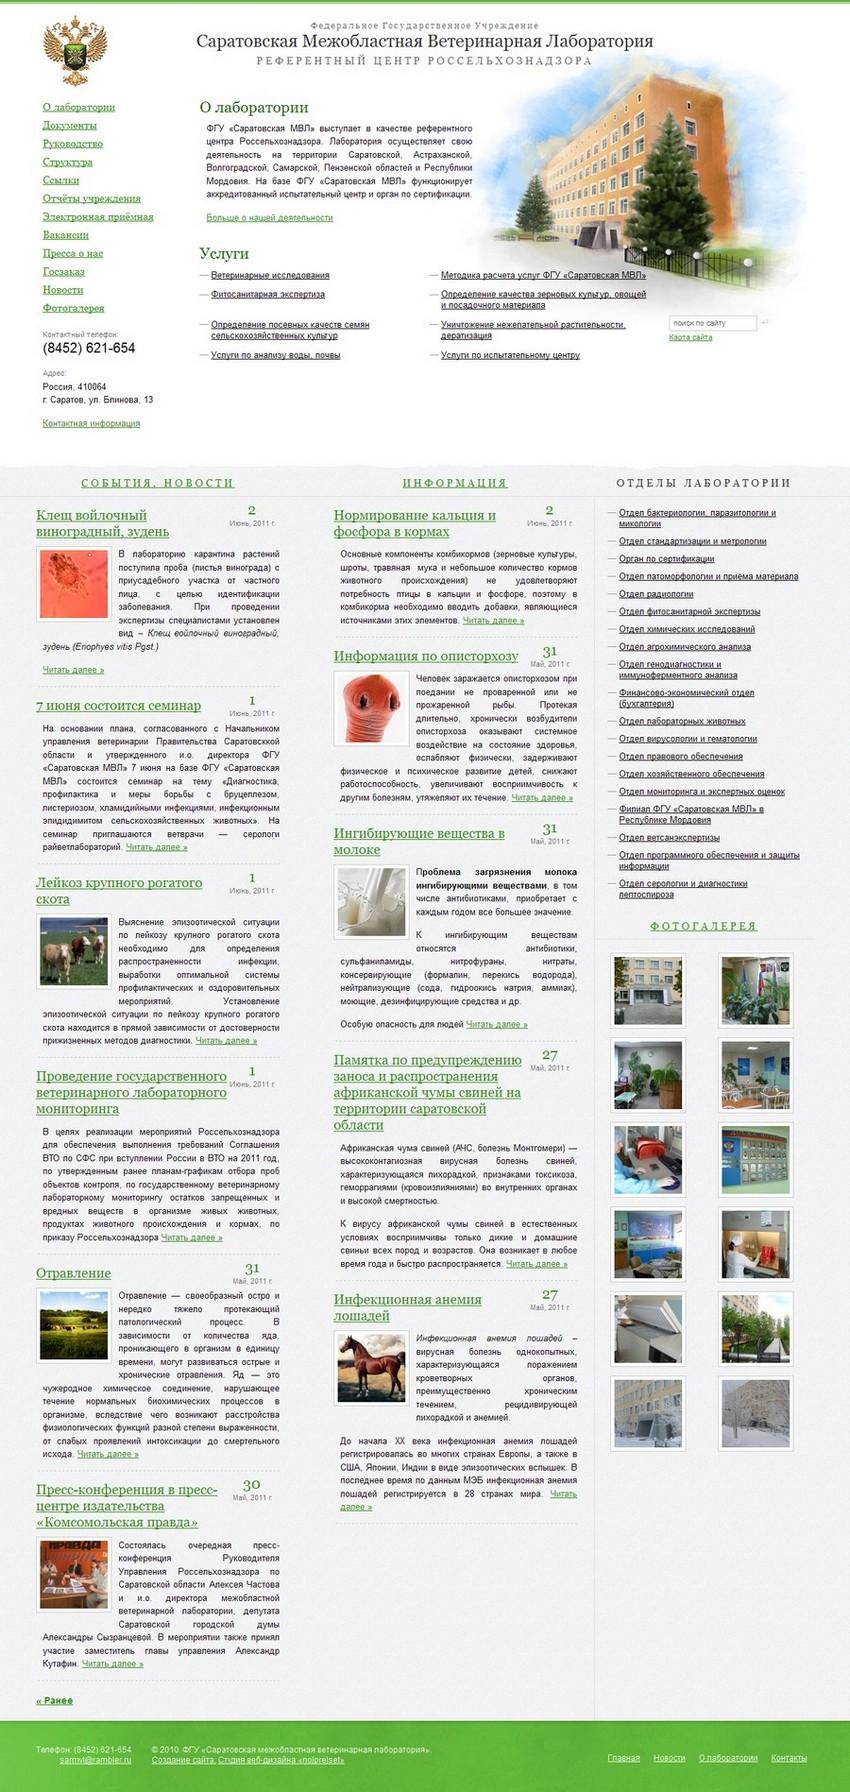 ФГУ Саратовская МВЛ - Референтный центр россельхознадзора